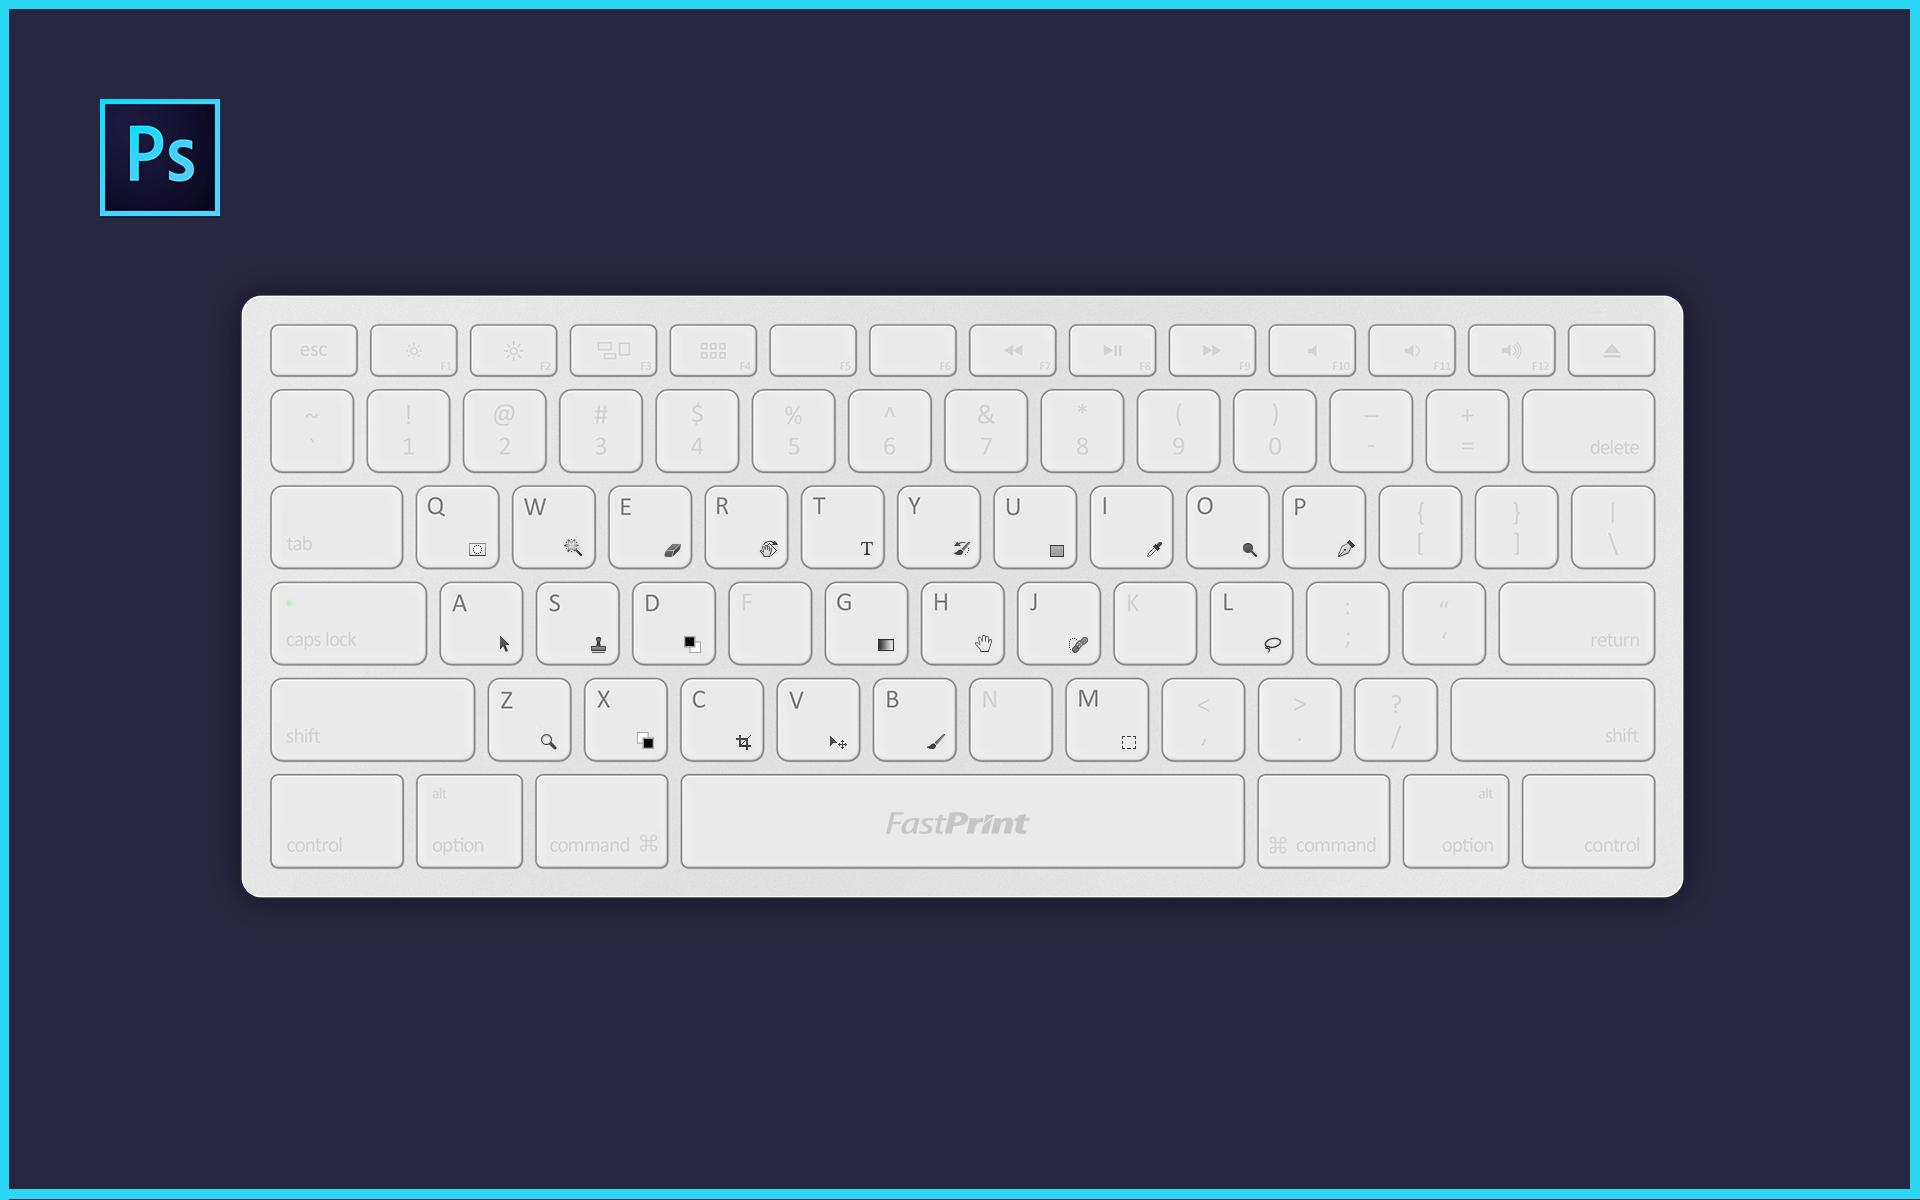 adobe photoshop shortcut keys pdf free download